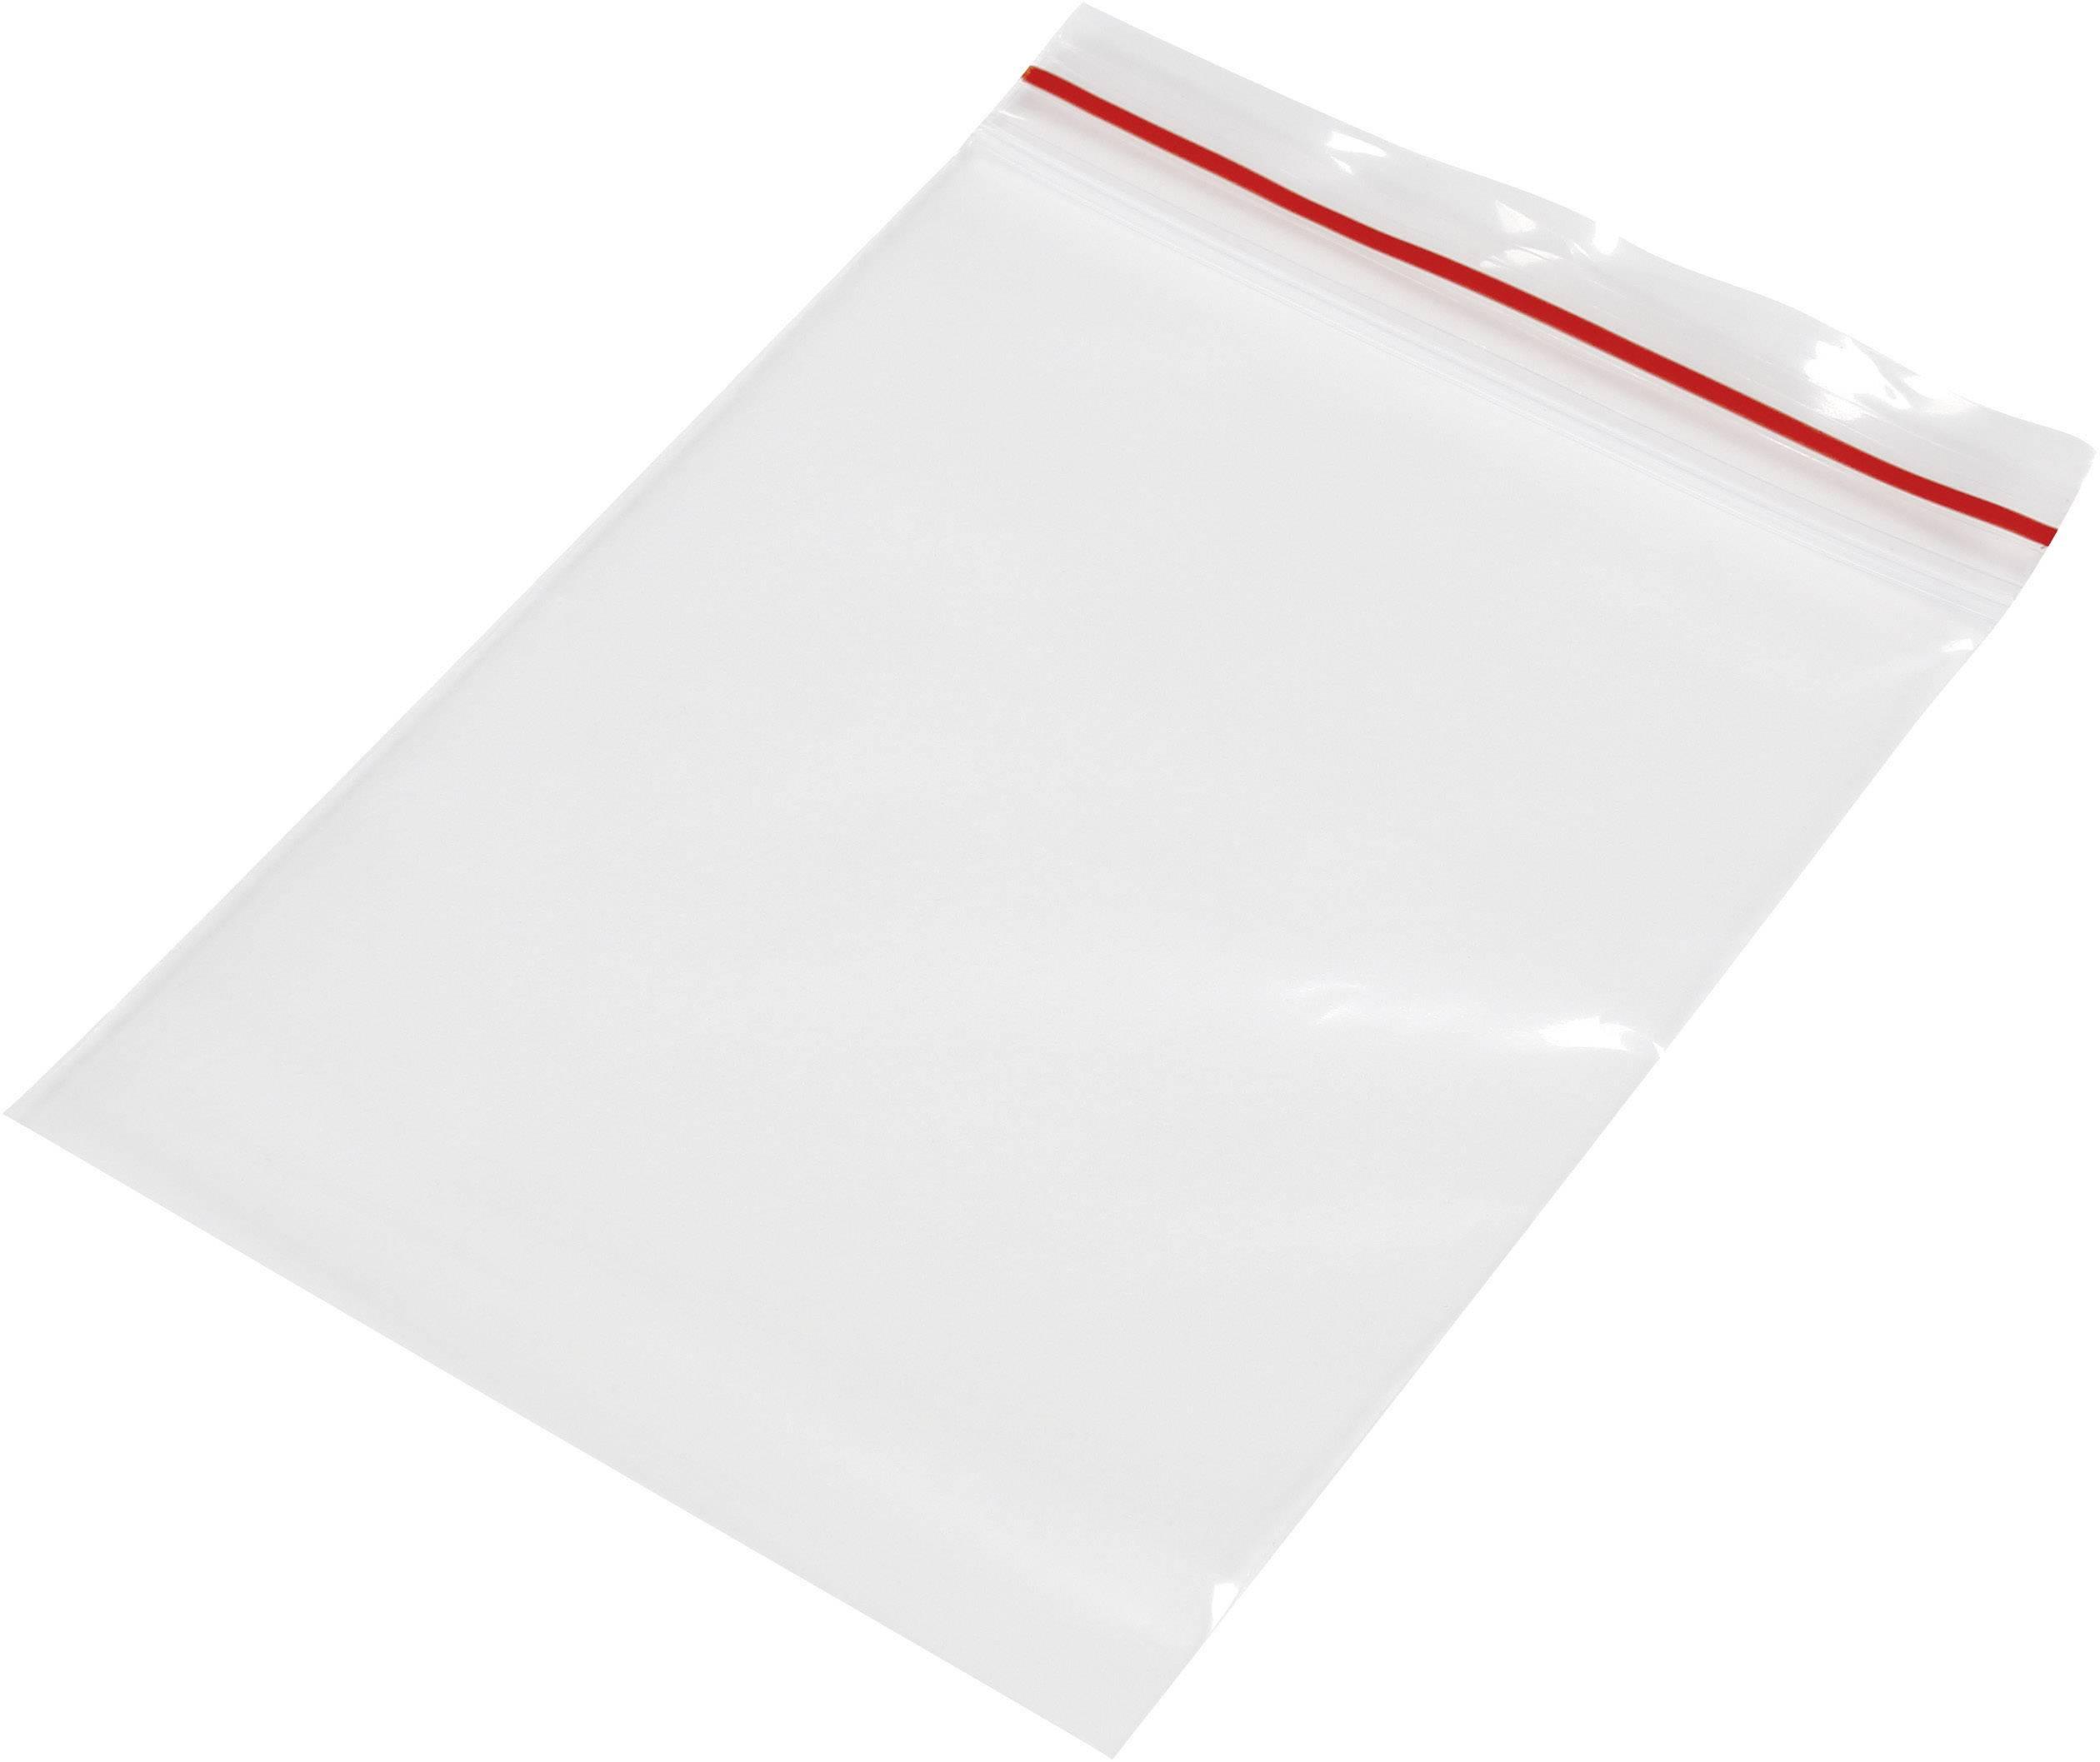 Uzavíratelný sáček bez popisných štítků TRU COMPONENTS (š x v) 80 mm x 120 mm, polyetylén, transparentní